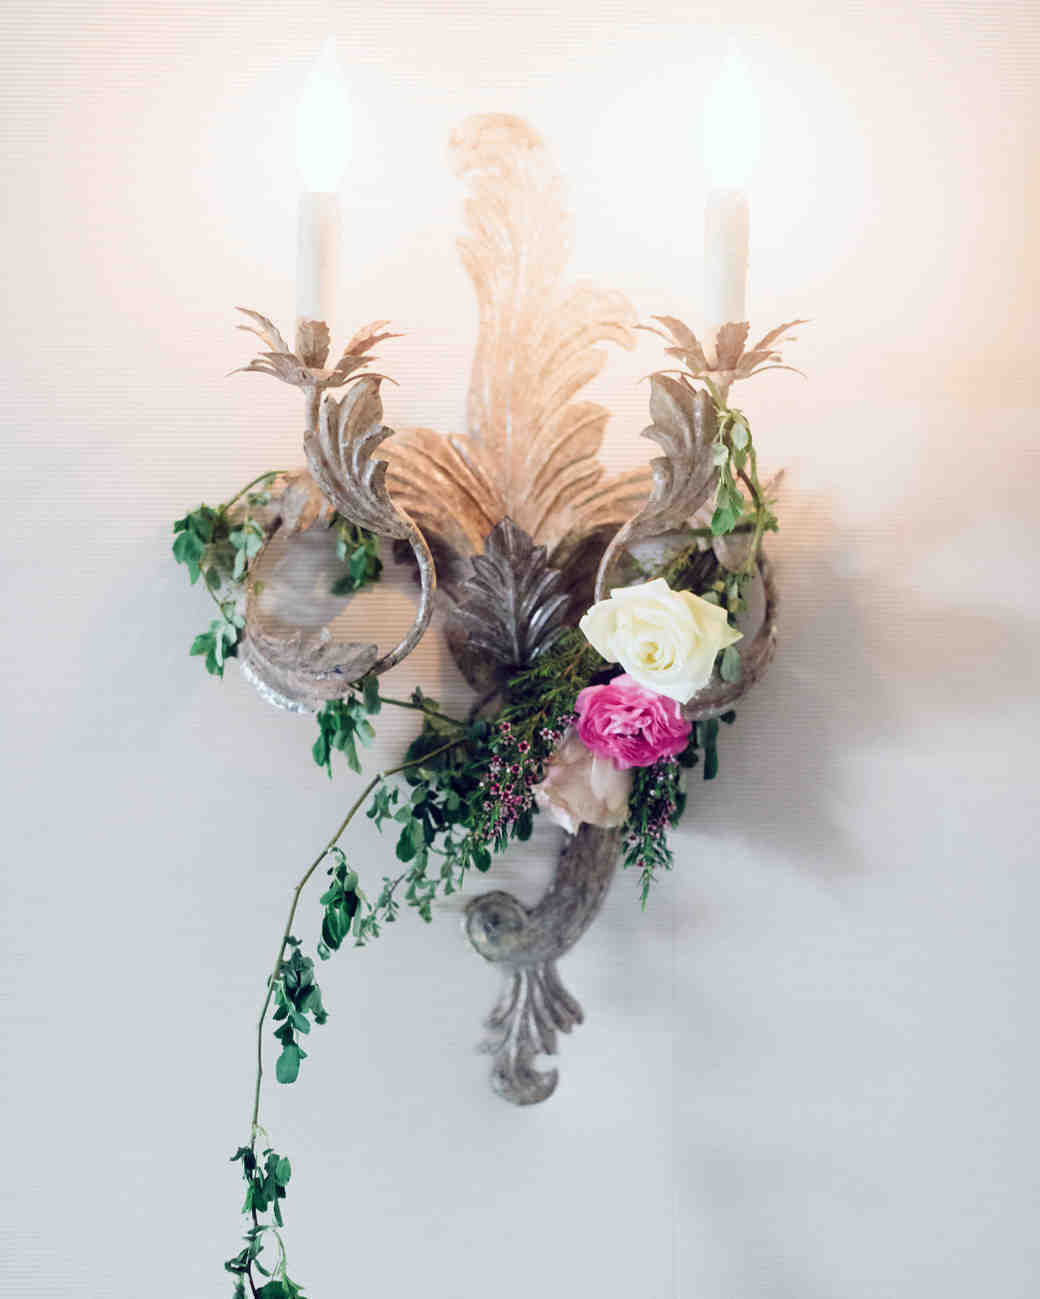 margo-me-bridal-shower-decor-7190-s112194-0515.jpg